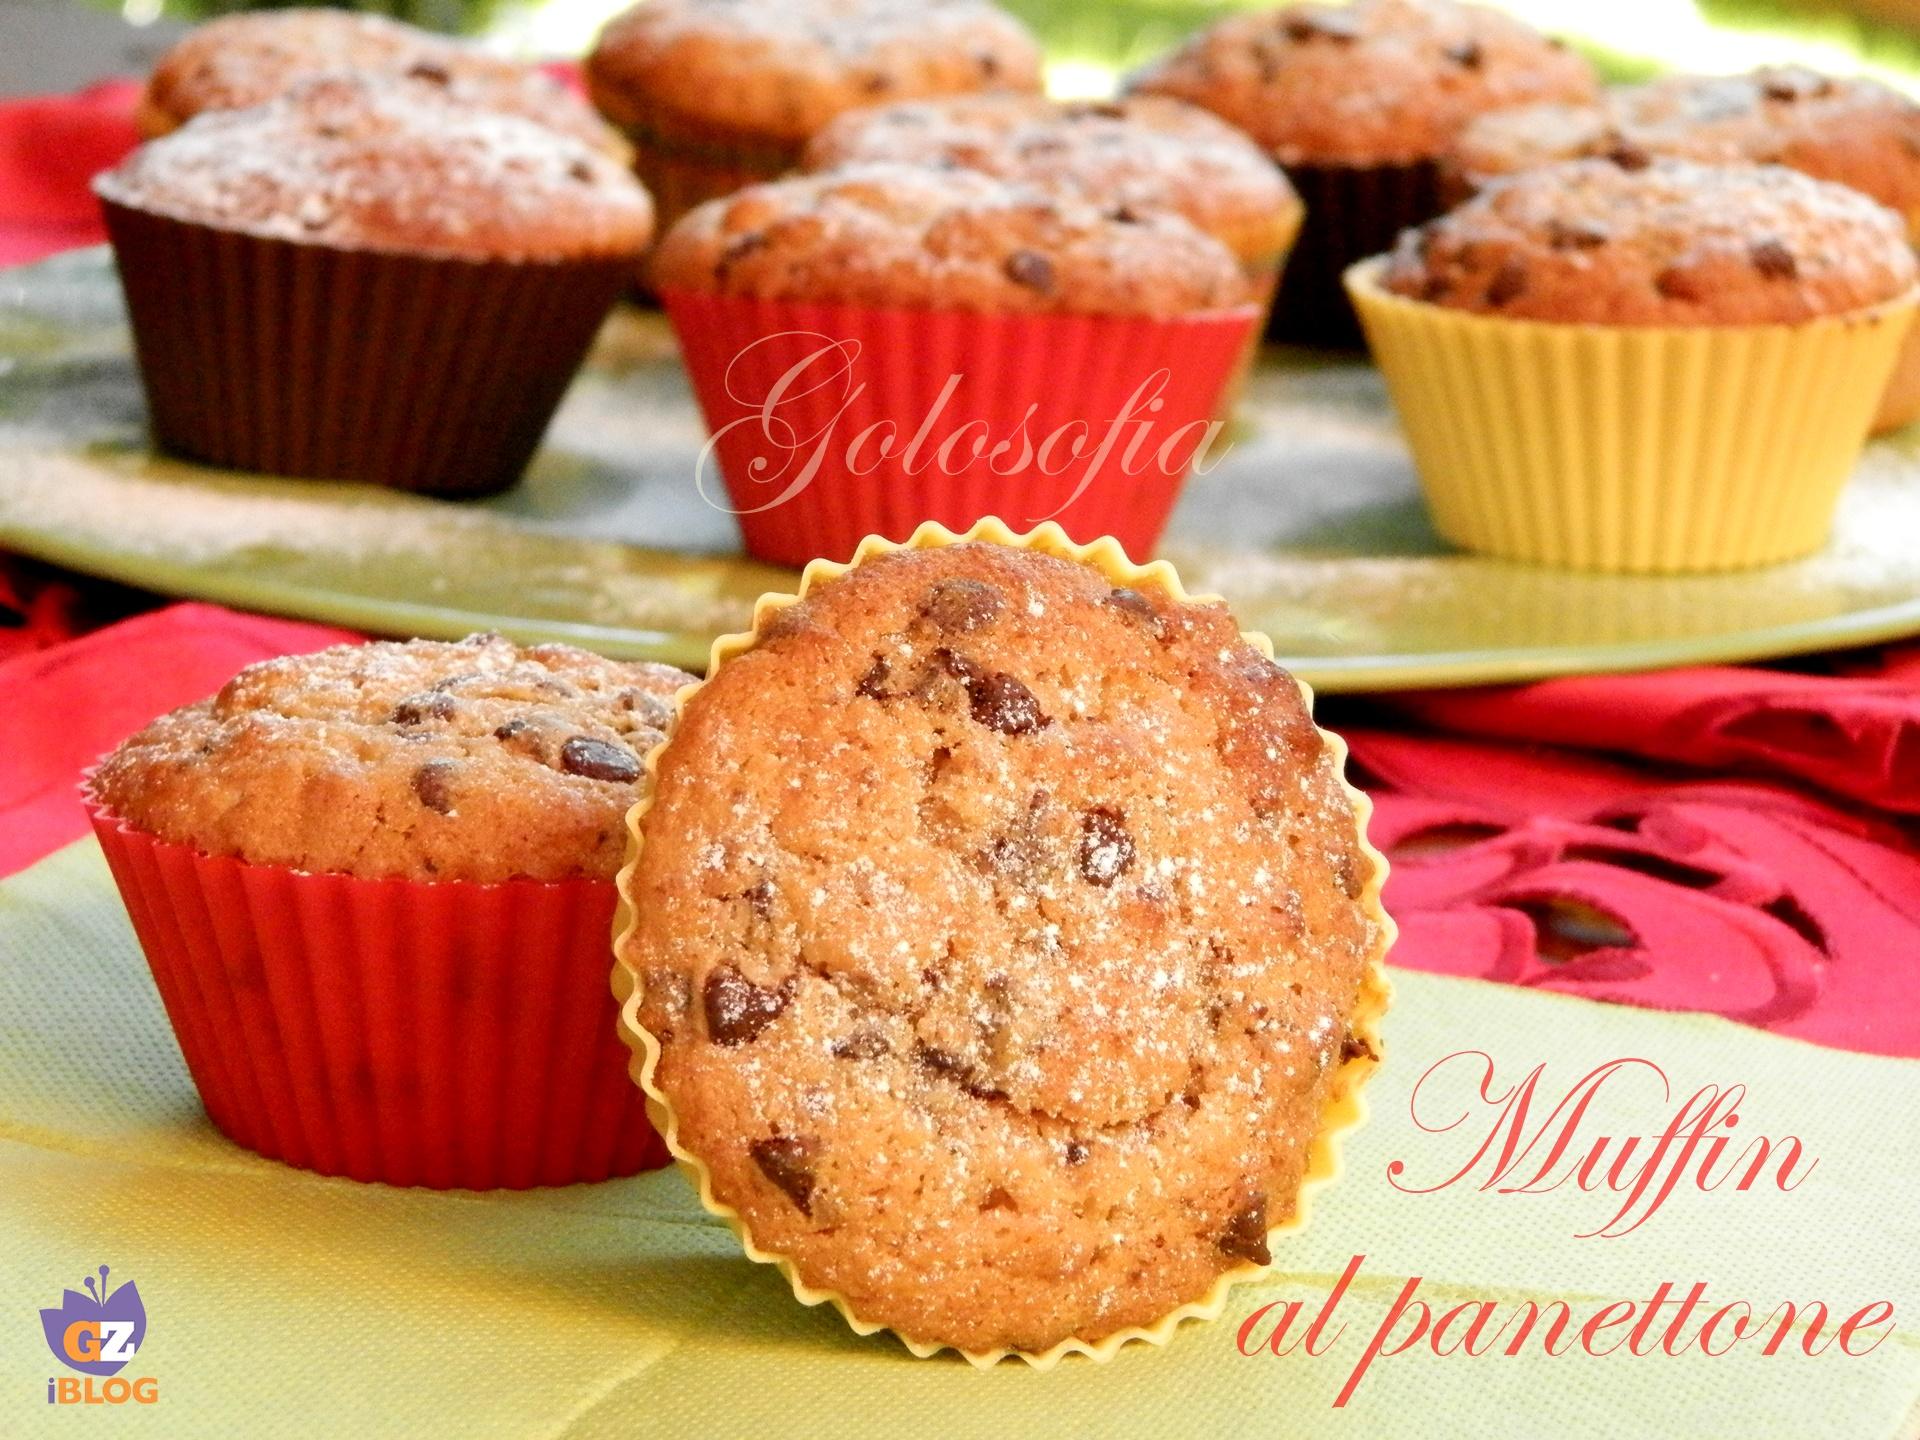 Muffin al panettone, ricetta golosa riciclo